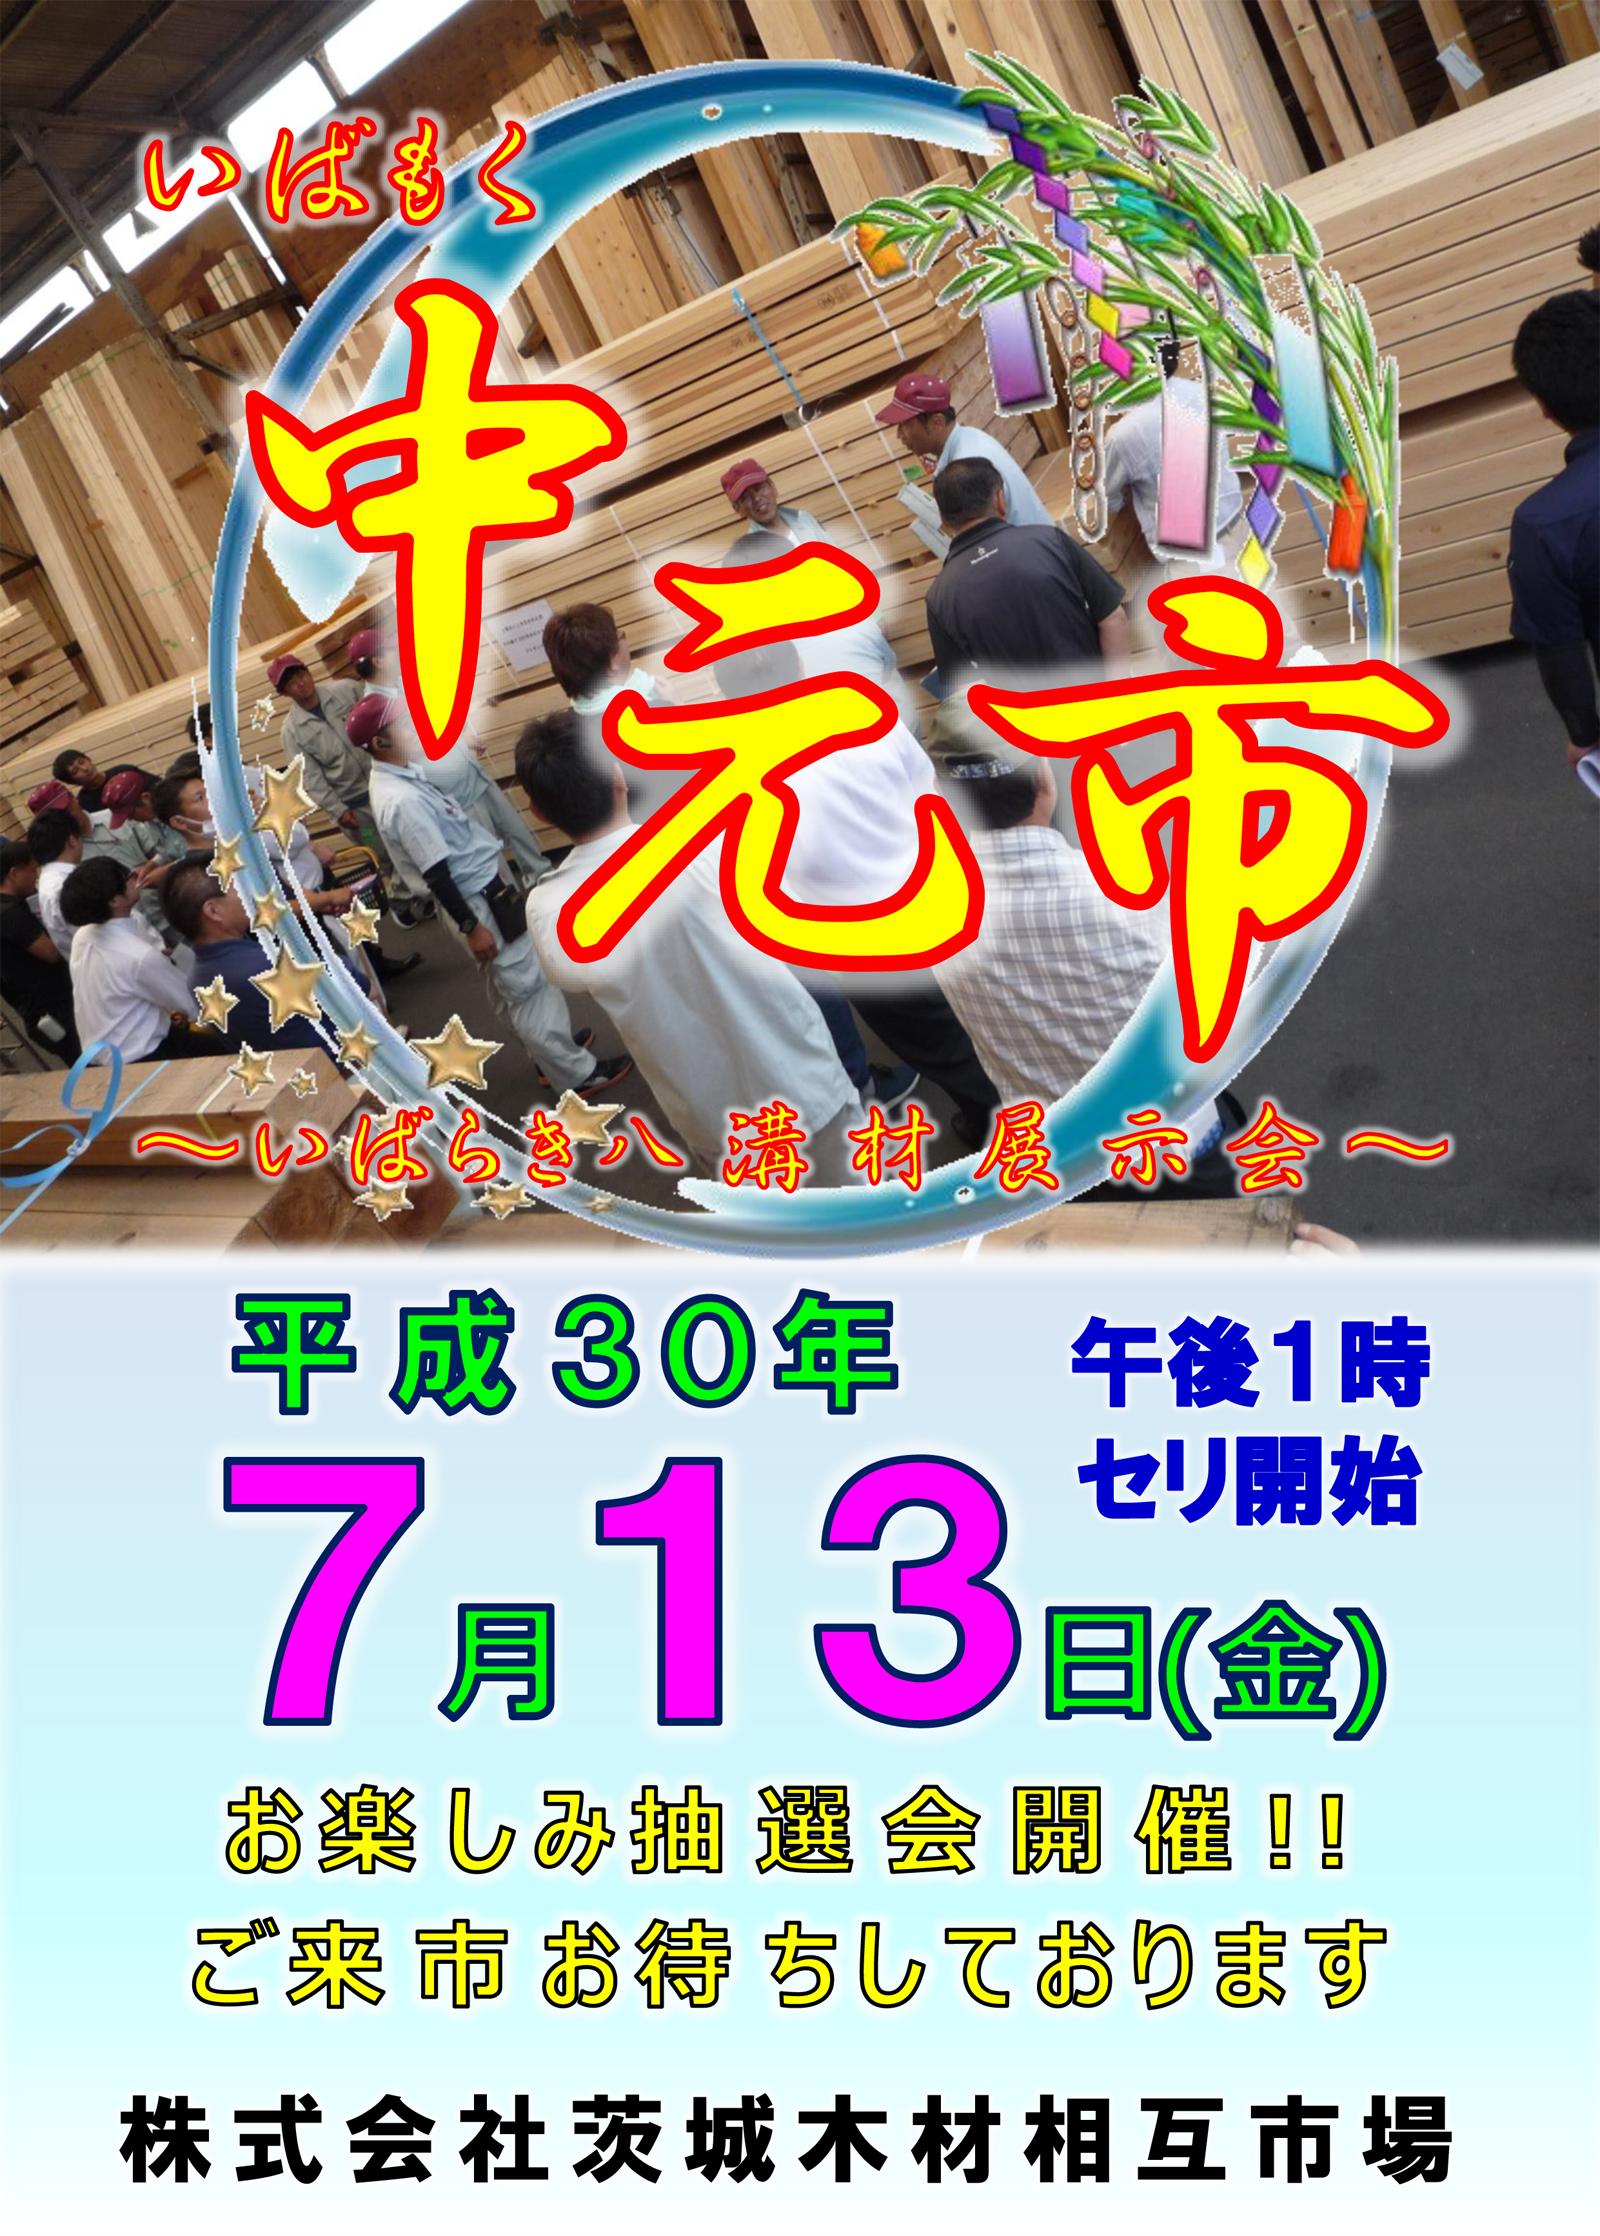 次回の記念市「中元市」のお知らせ